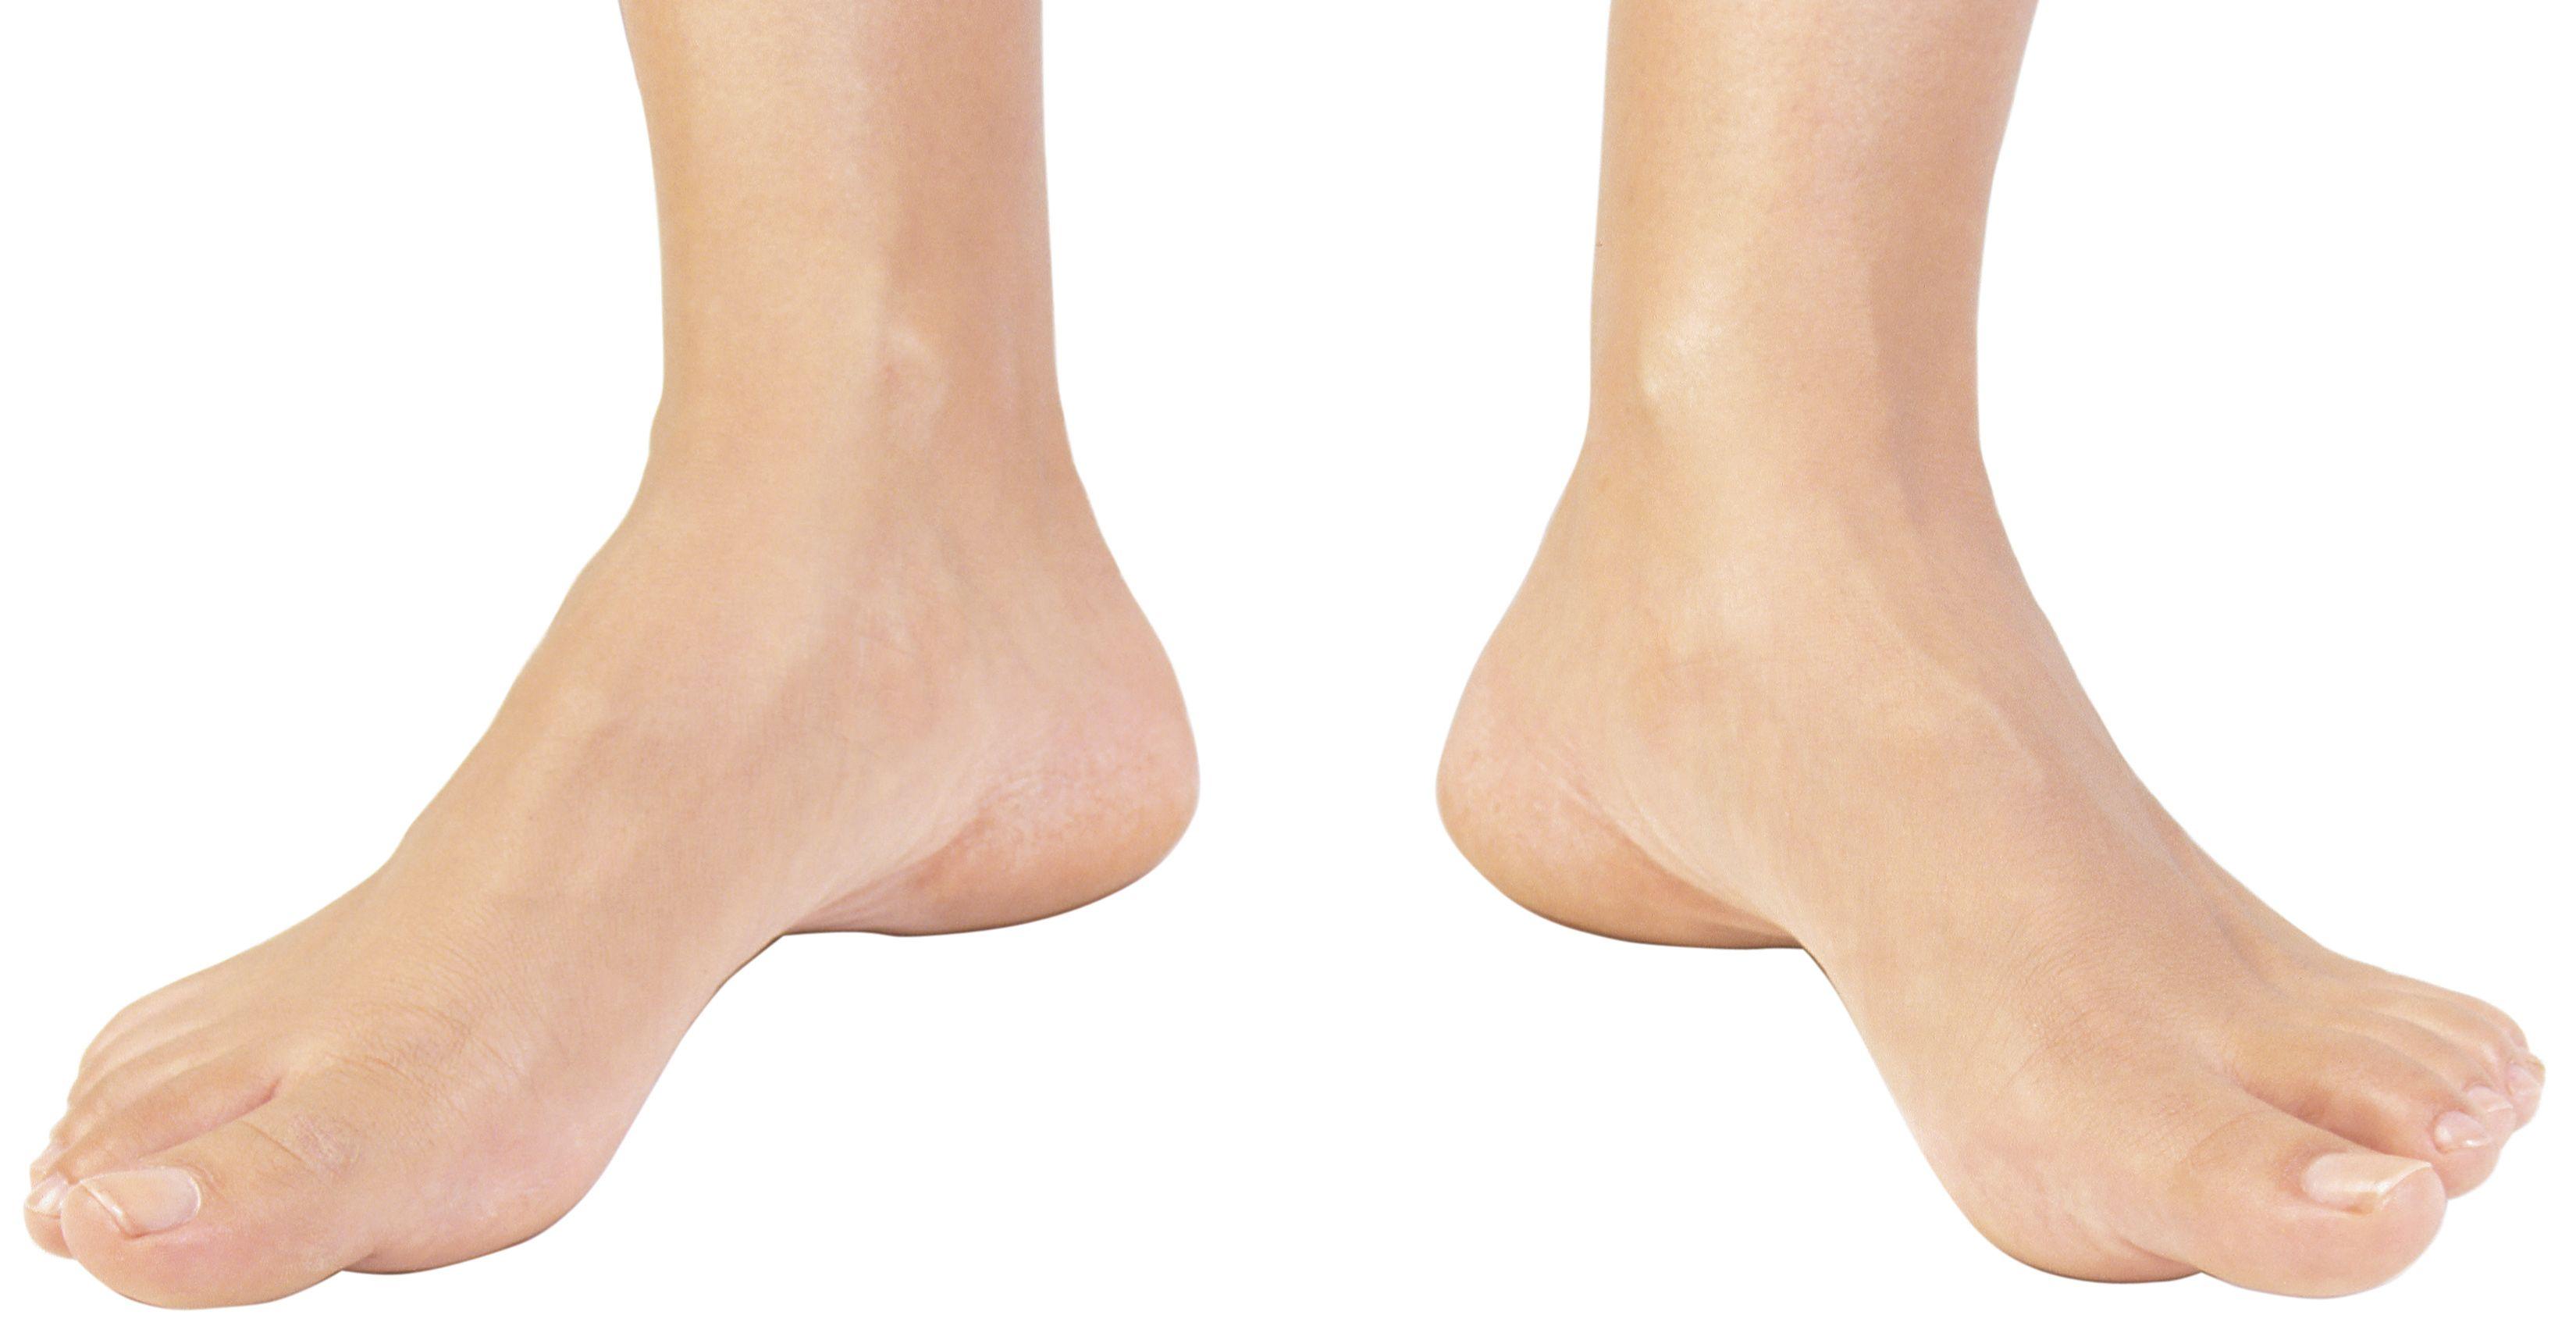 dolor y hormigueo en los dedos de los pies